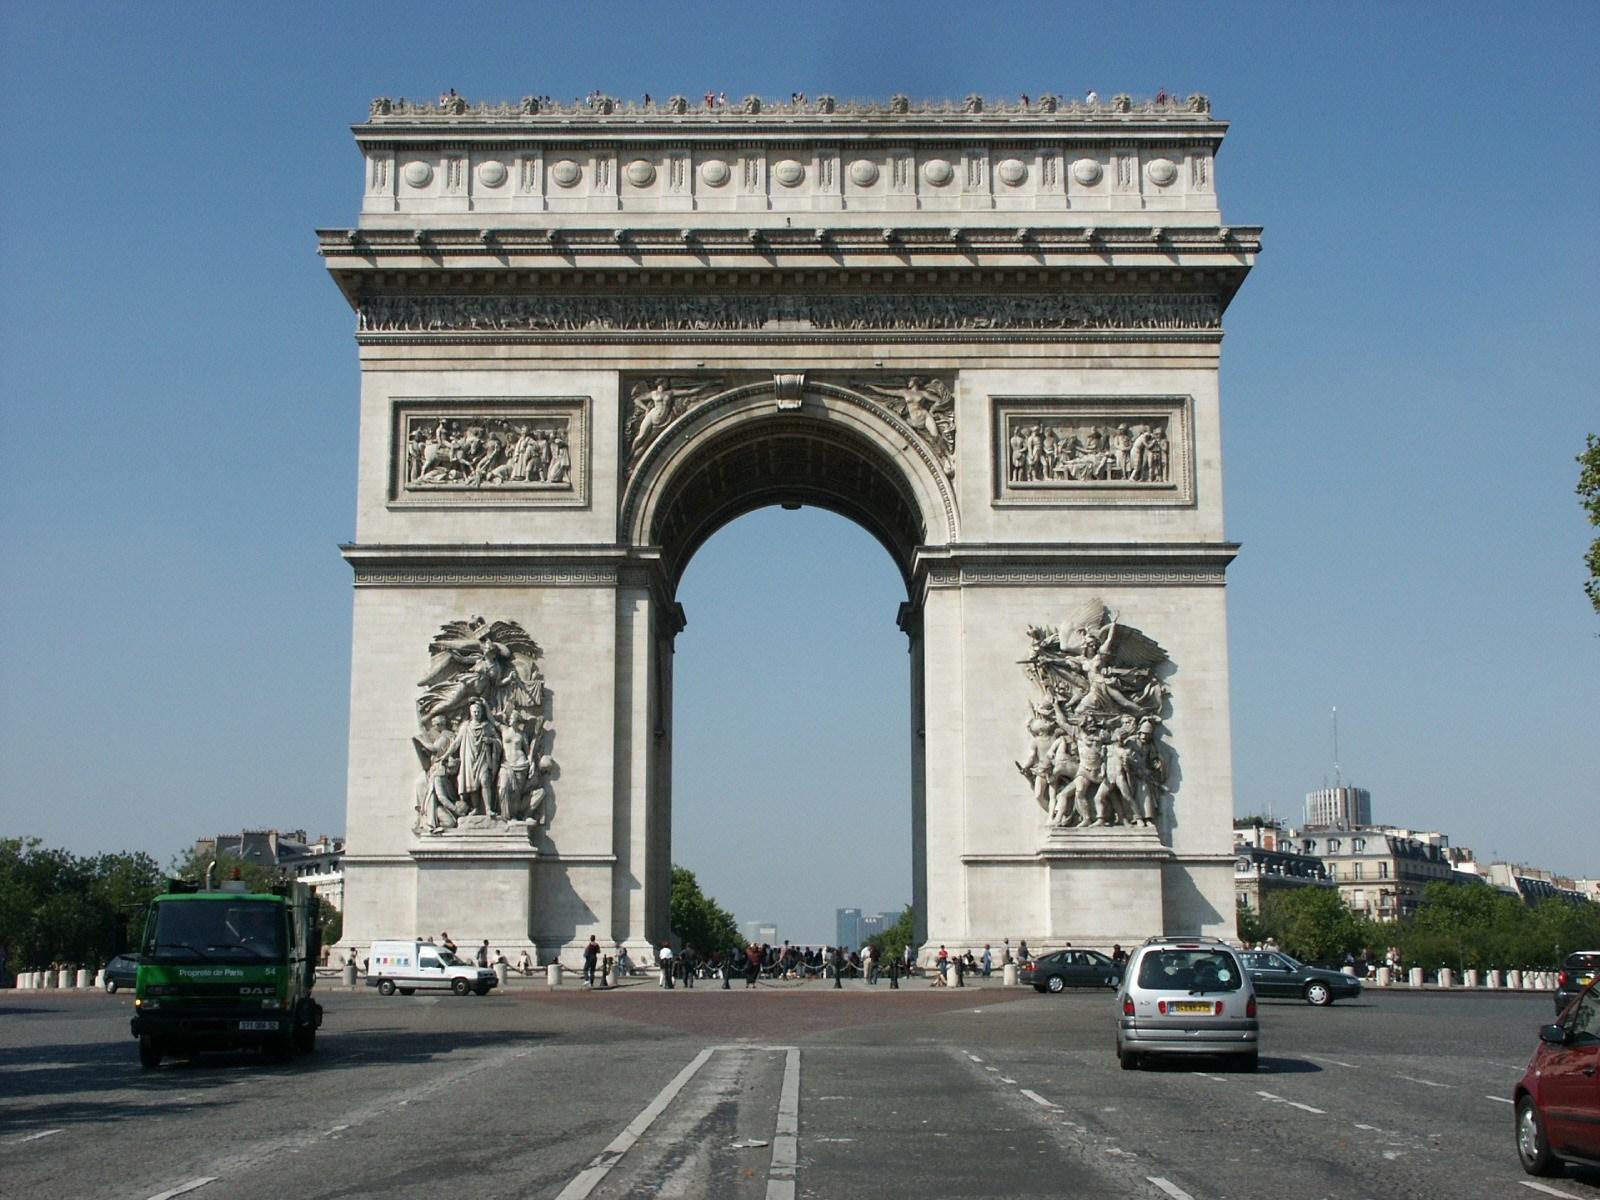 Arc De Triomphe Paris: Tham Sayasthsena Patuxai (ປະຕູໄຊ